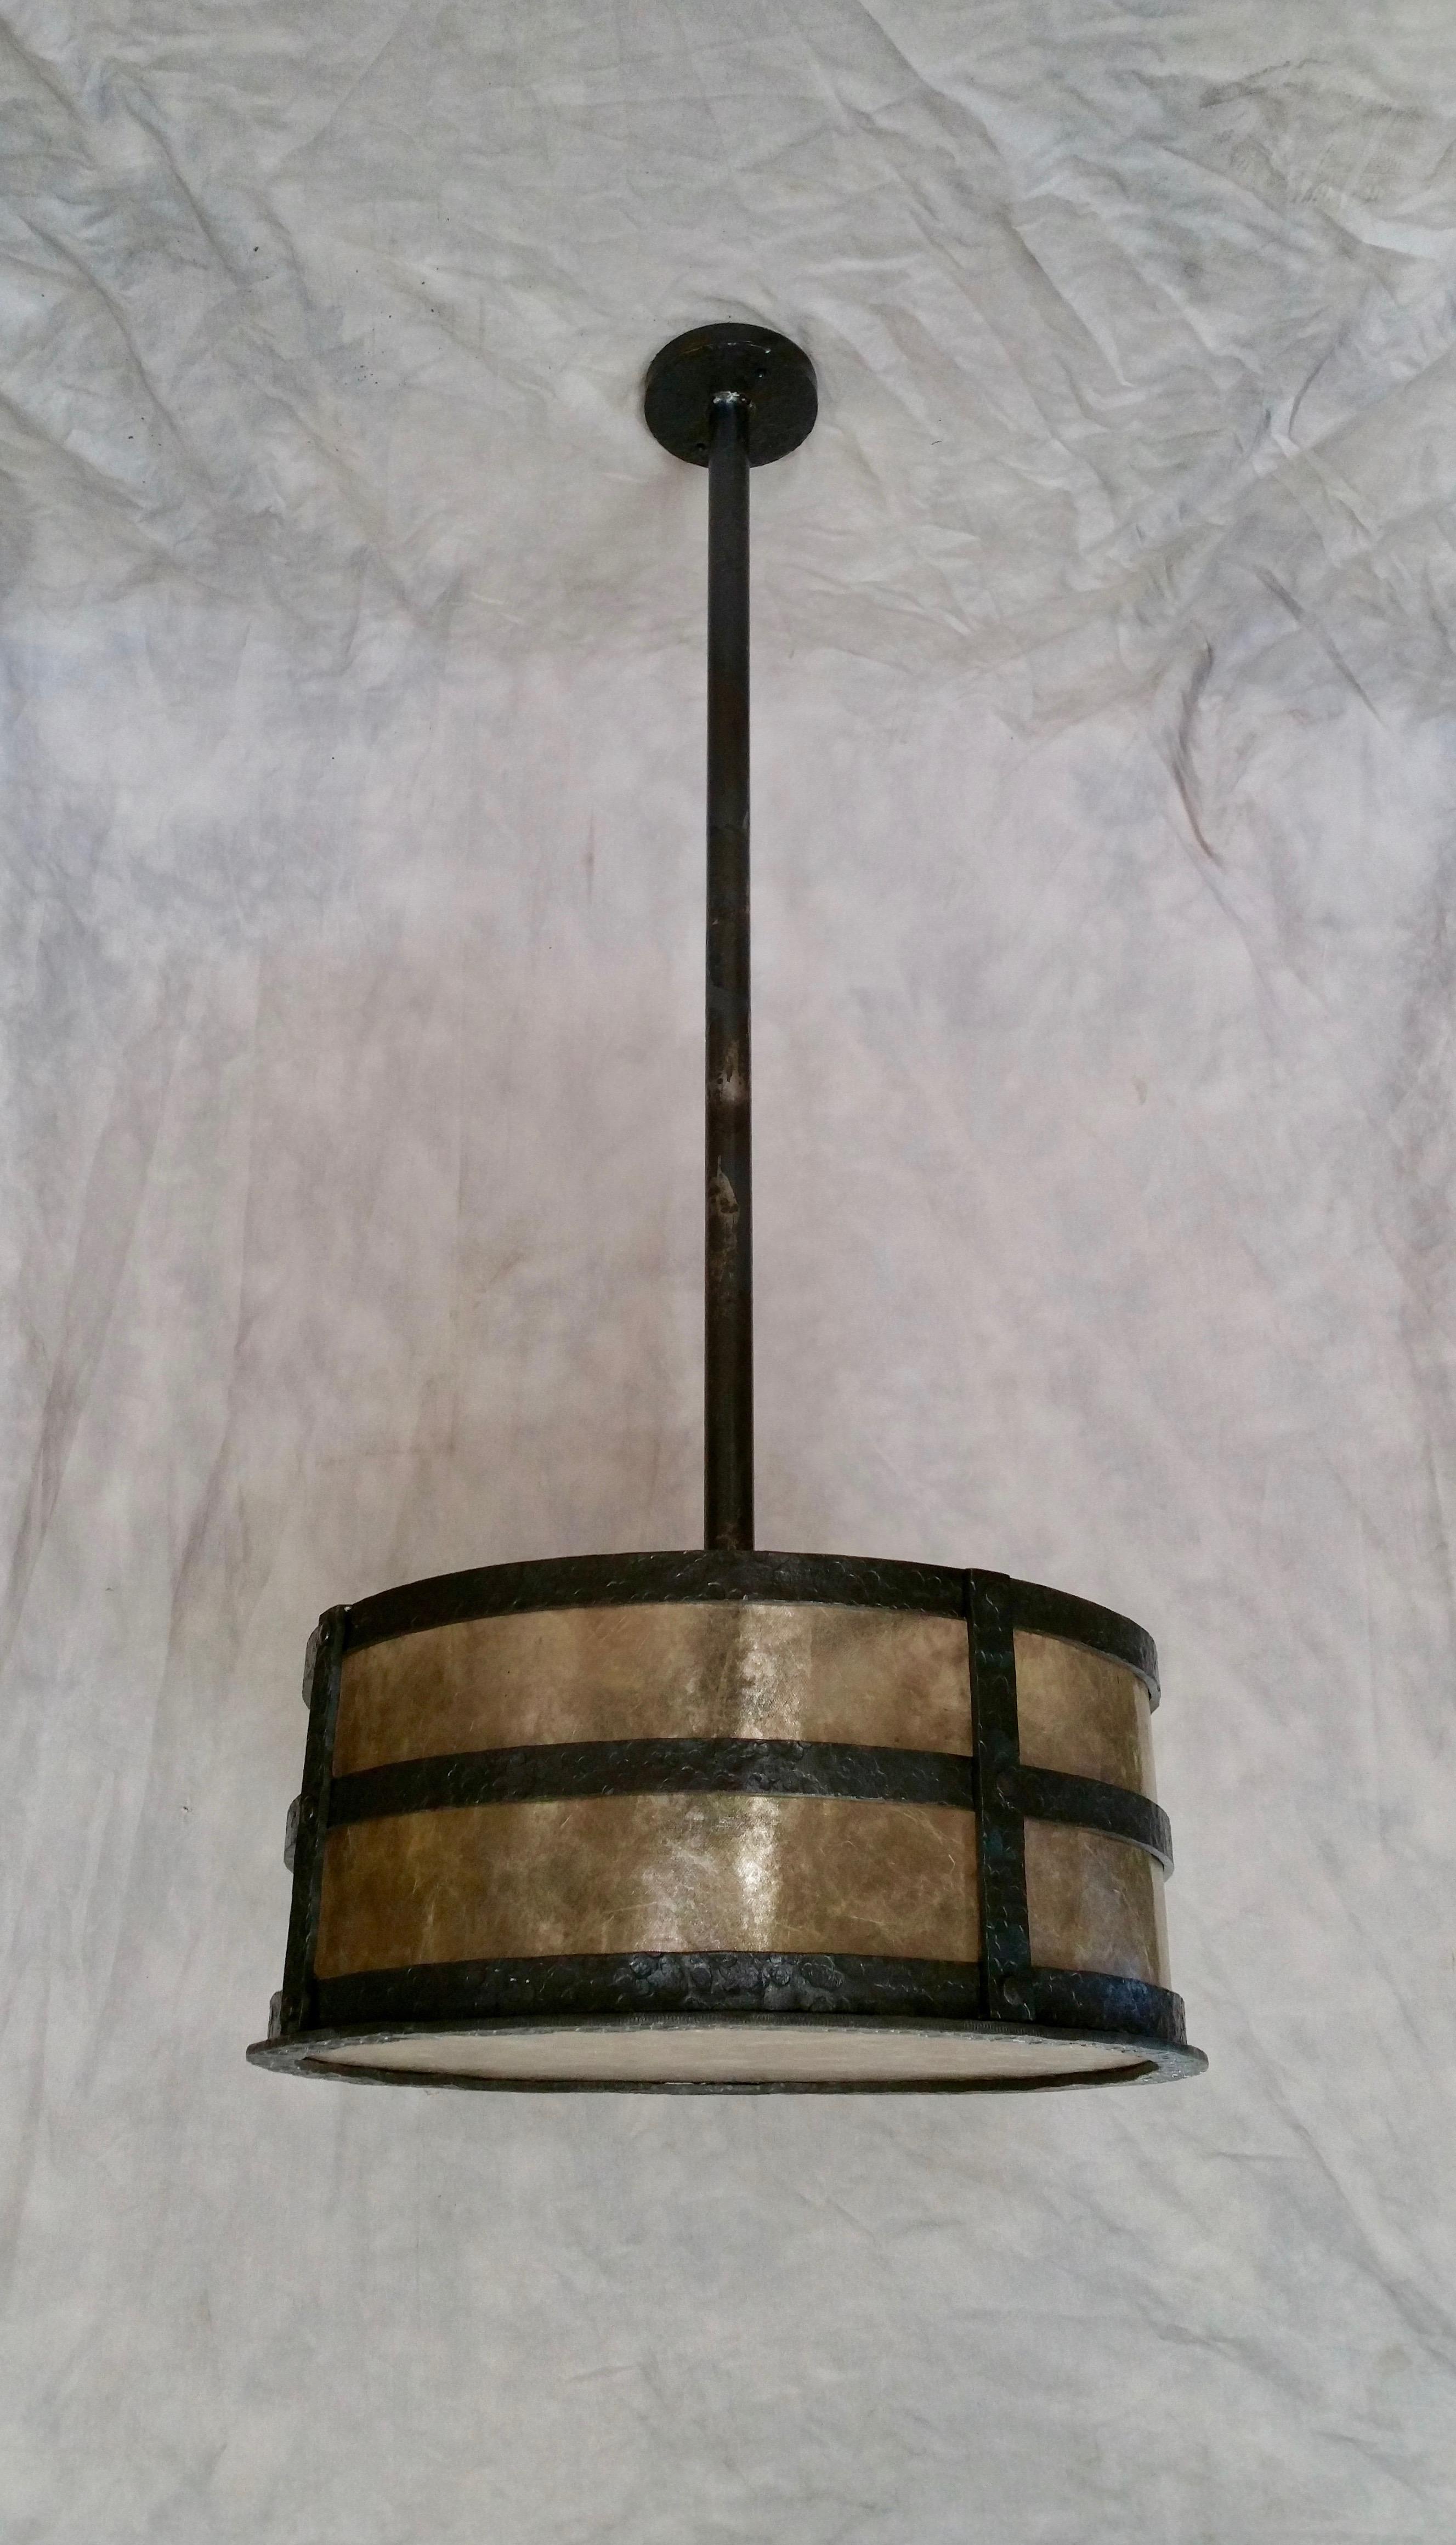 Hammered Drum Pendant155400